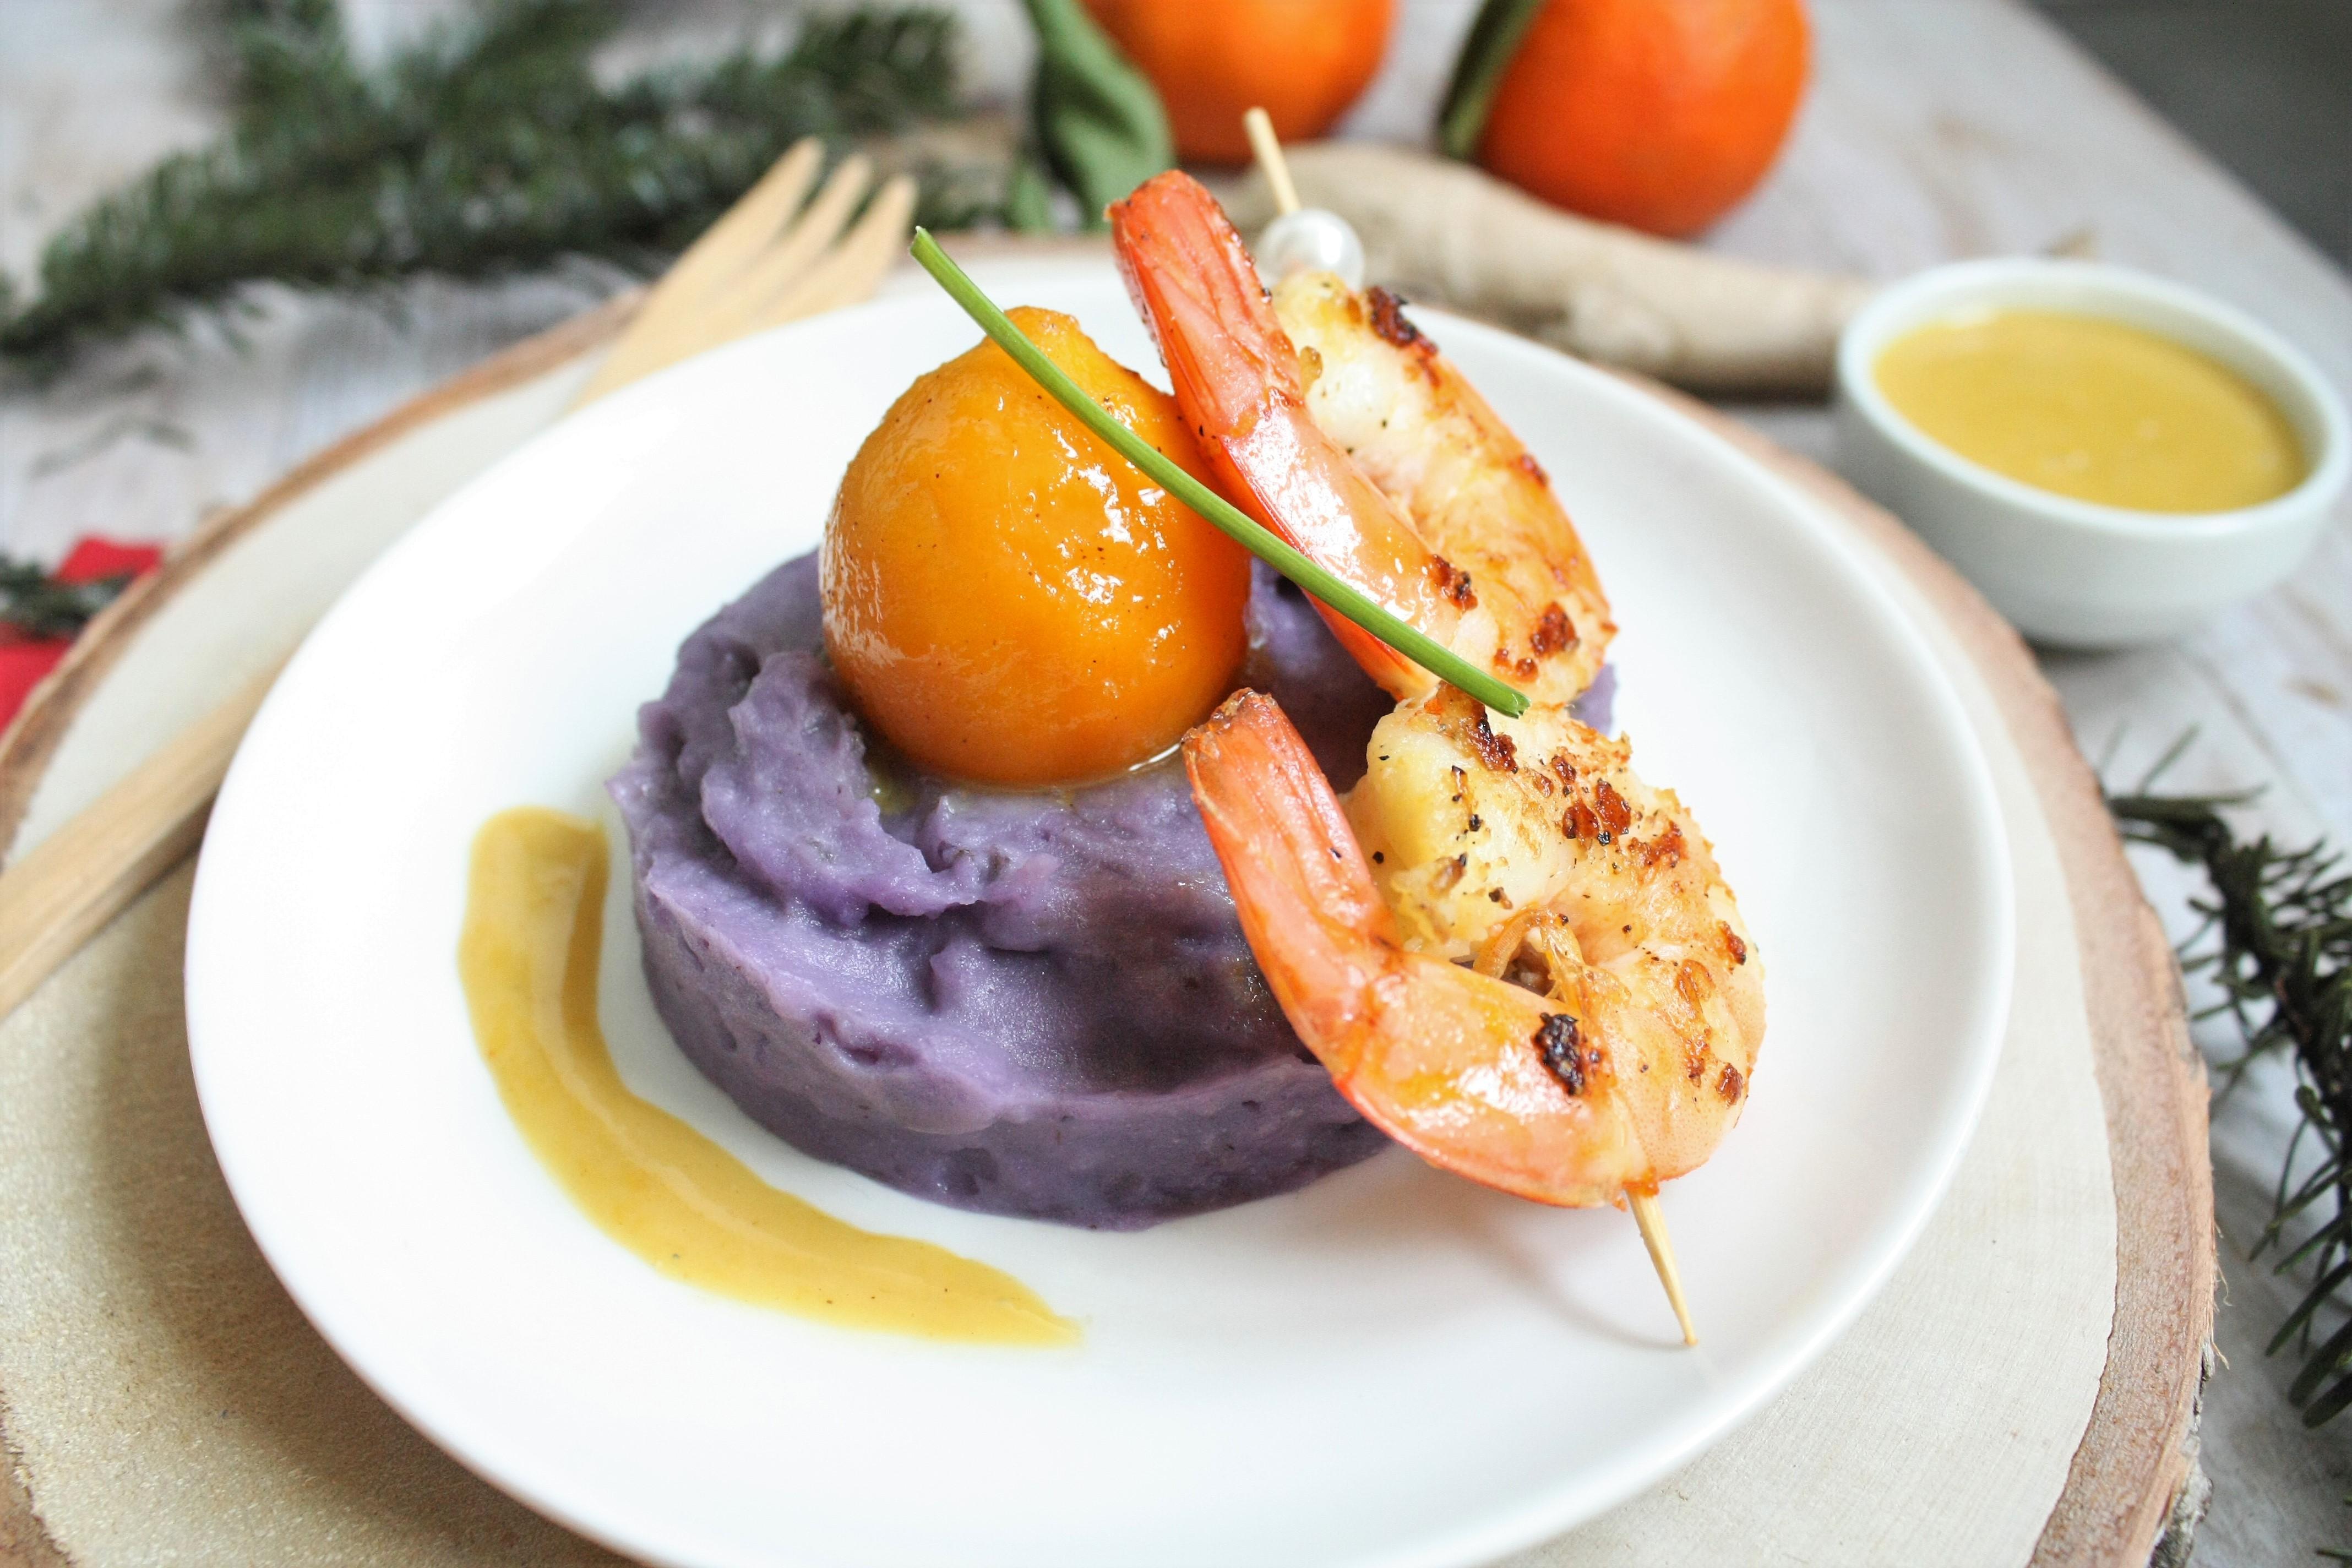 Crevettes sautées à la mandarine, navet boule d'or glacé, purée de vitelotte et sabayon au gingembre